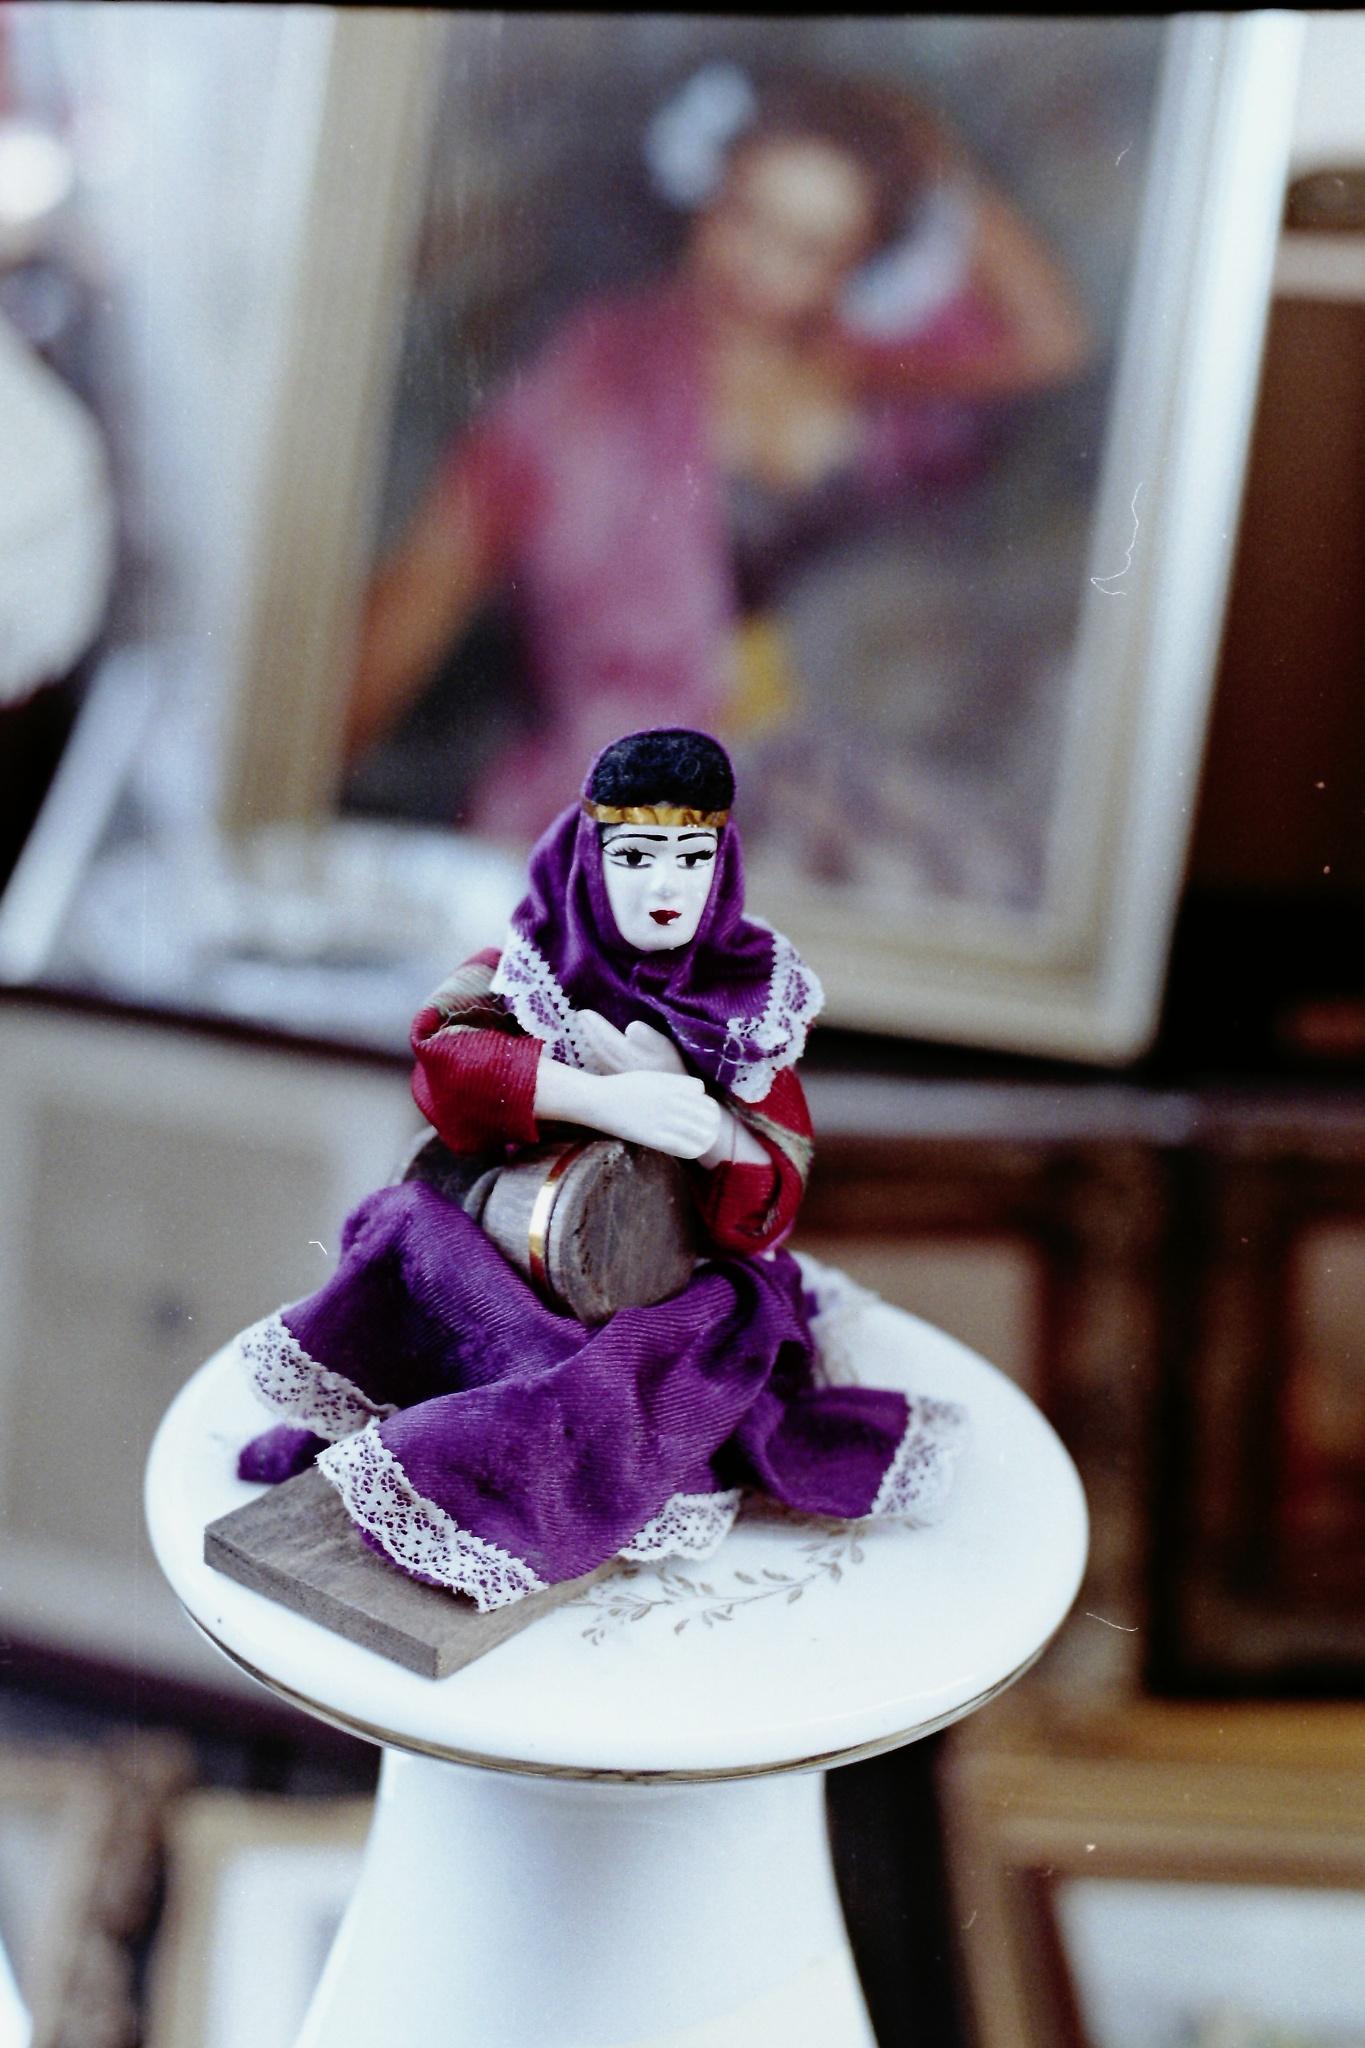 fleamarket doll by mapetermayer